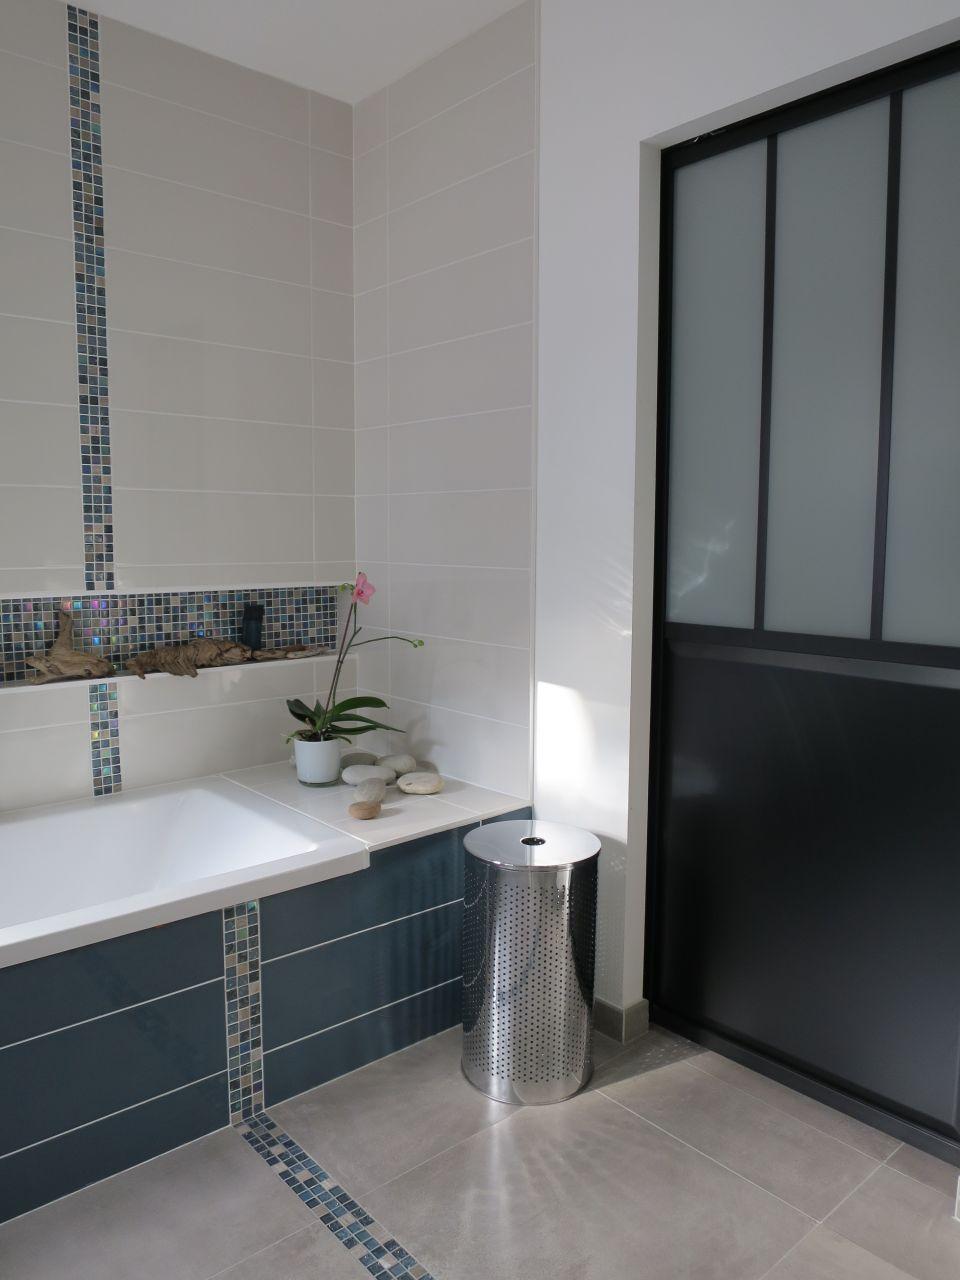 Recouvrir Frise Carrelage Salle De Bain frise au sol et au mur | salle de bains frise, aménagement